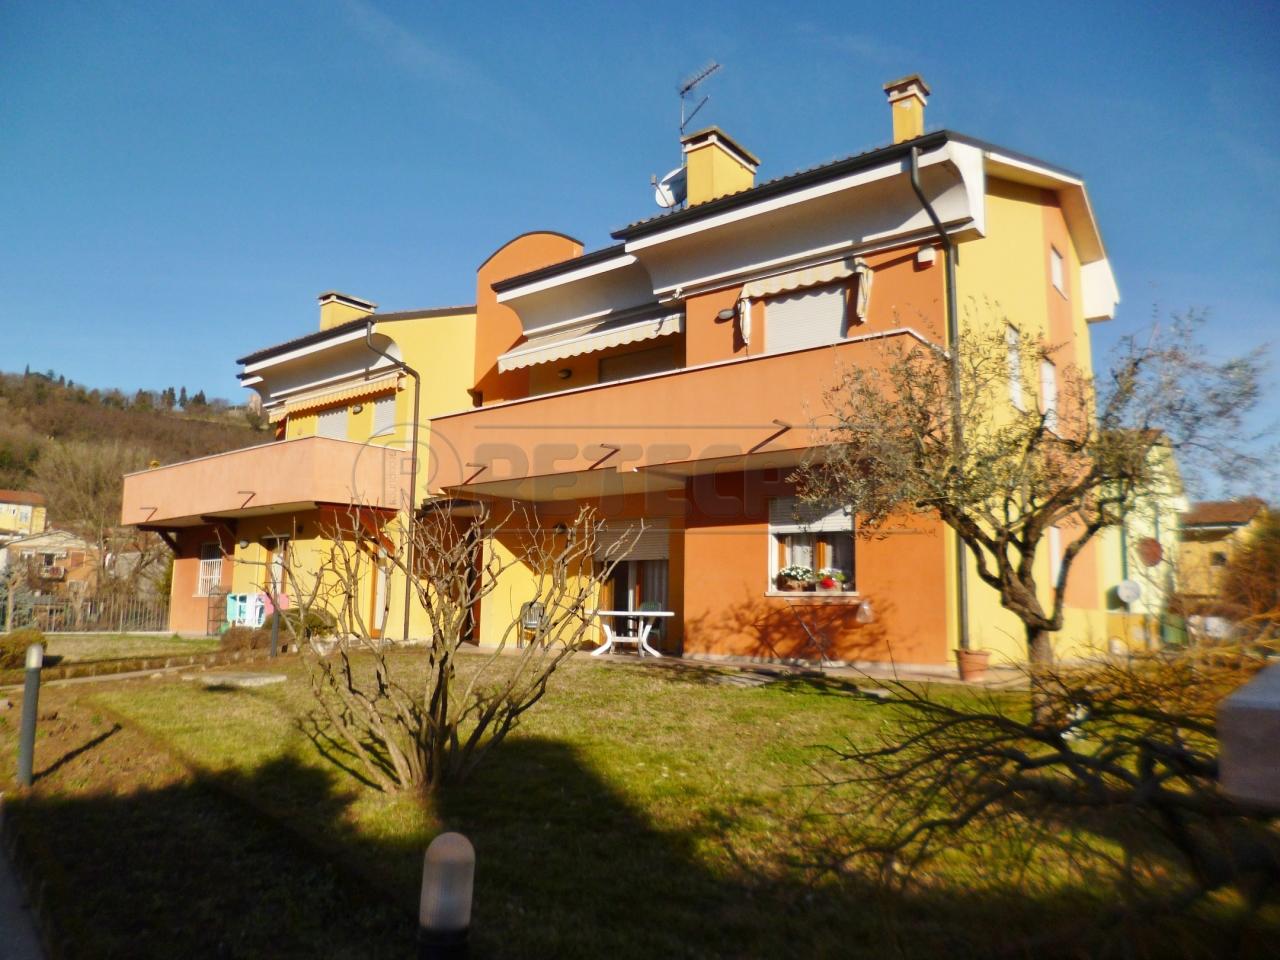 Appartamento in vendita a Montebello Vicentino, 3 locali, prezzo € 80.000 | CambioCasa.it